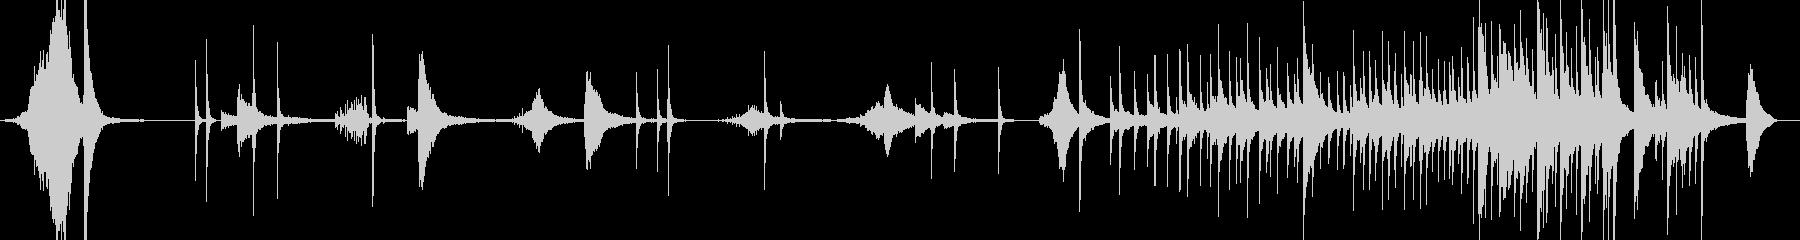 シンバル9大太鼓激しい合戦戦い戦闘打ち合の未再生の波形